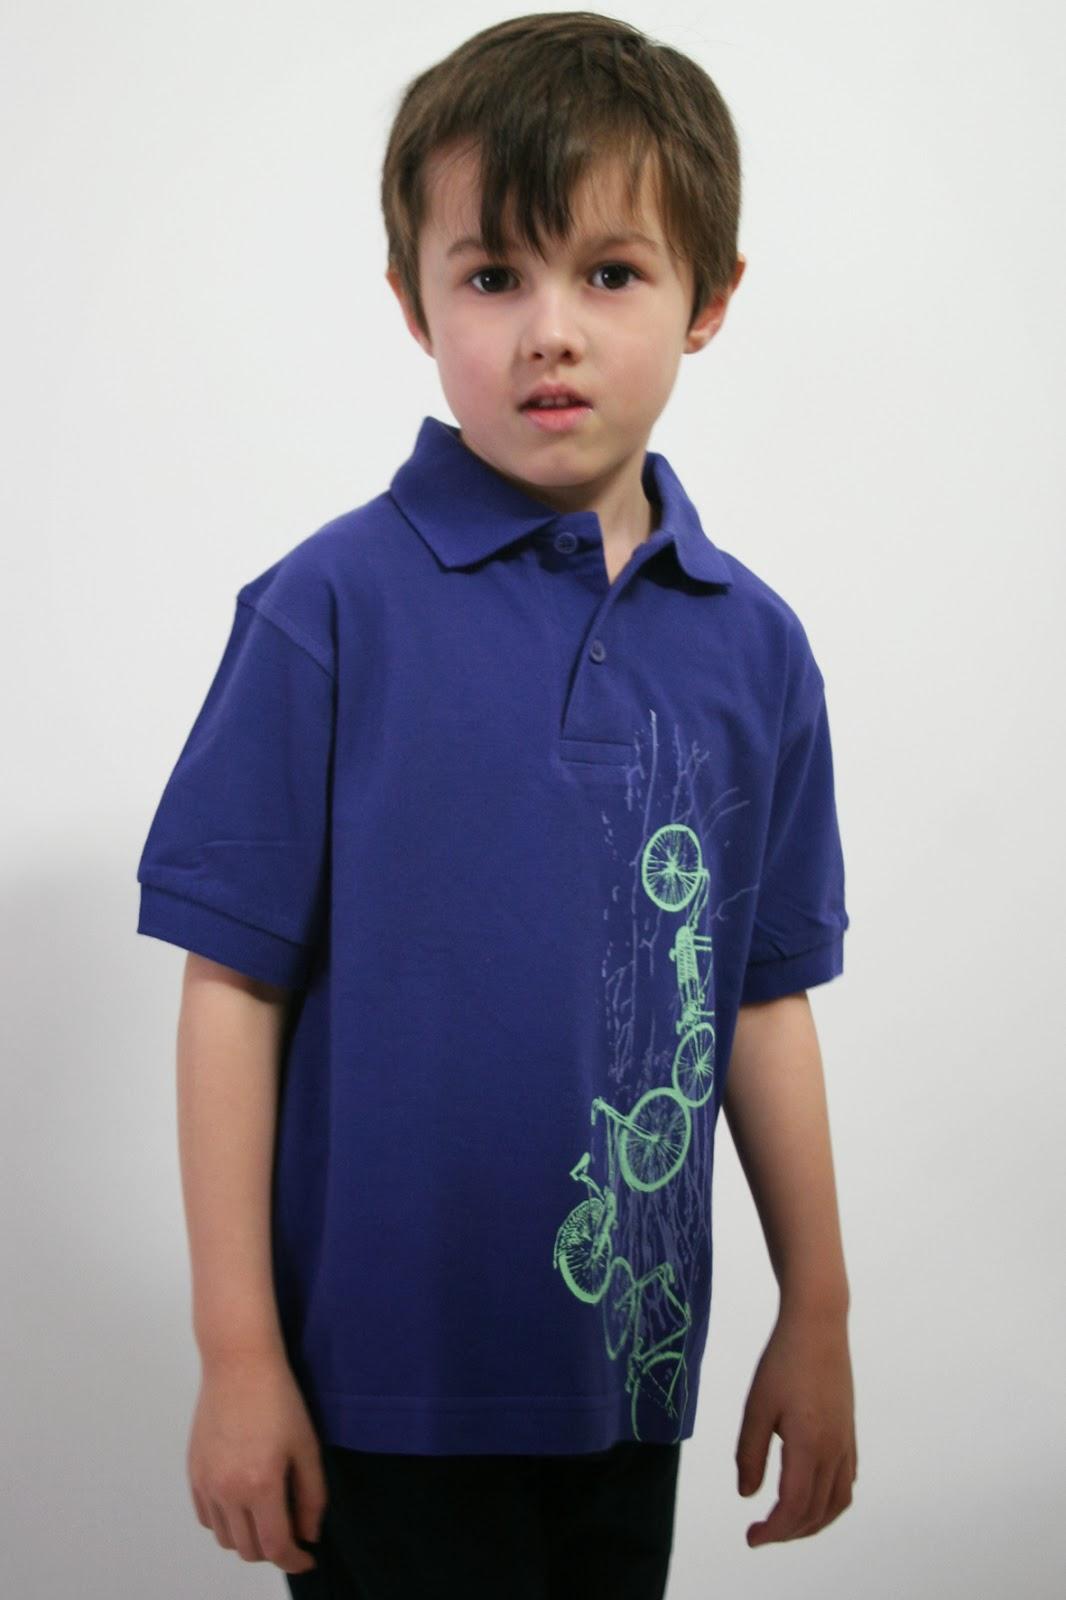 Poloshirt für Kinder mit zweifarbigen Fahrräderdruck